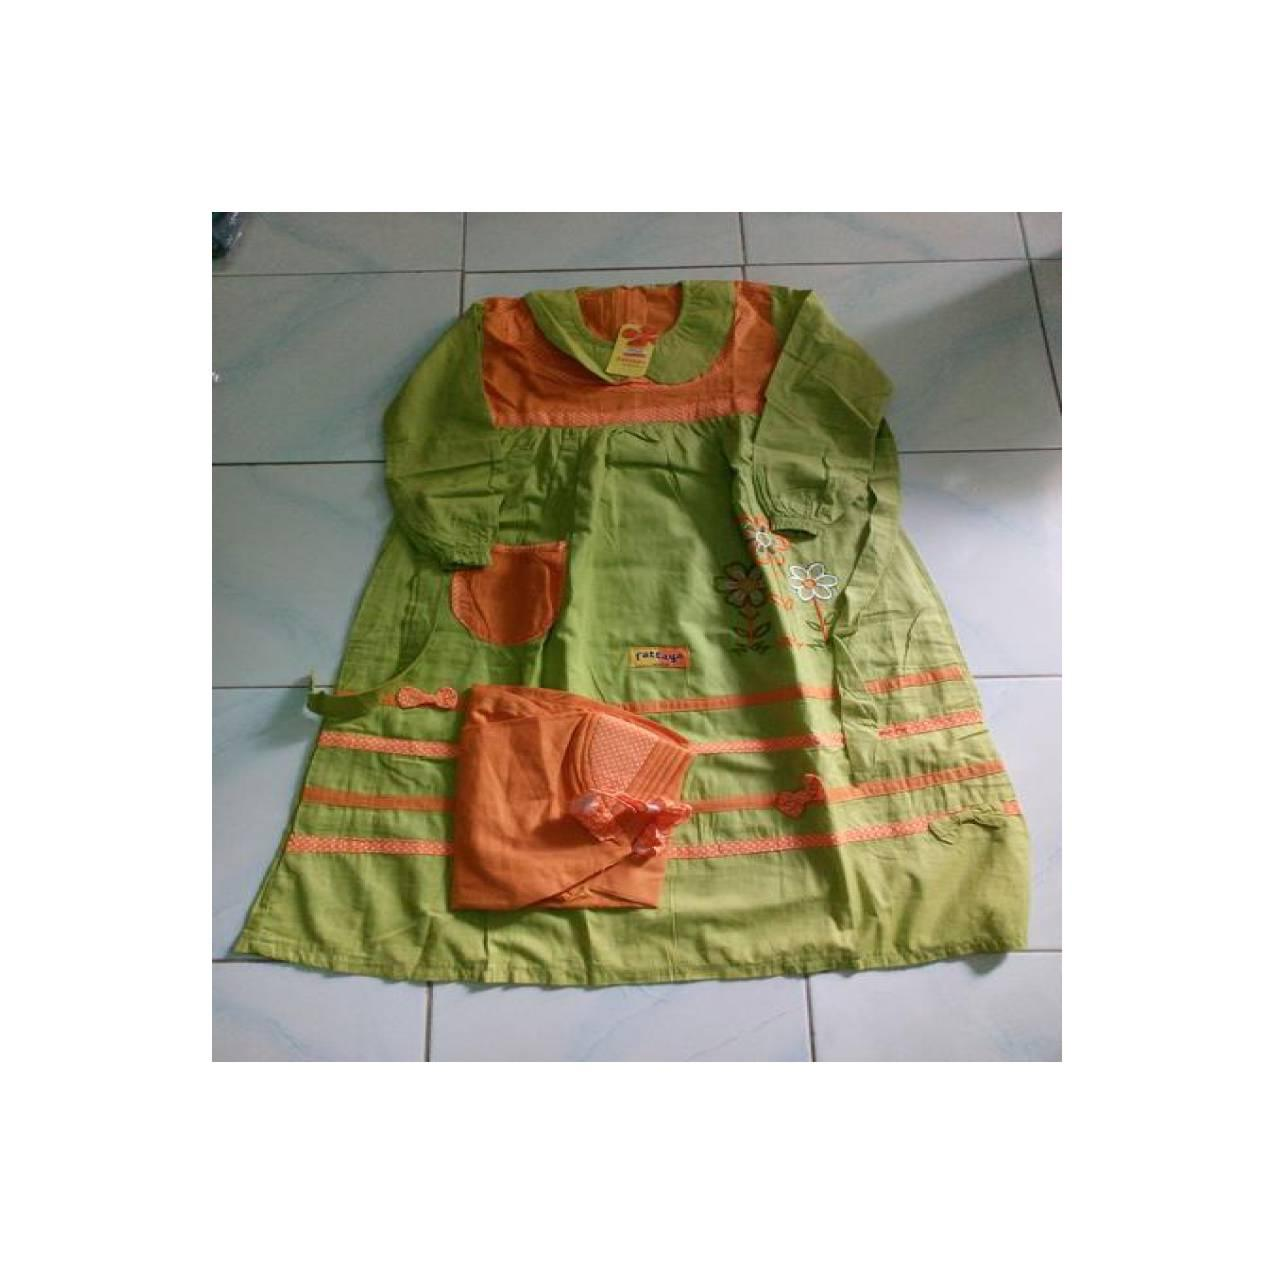 Jual baju muslim anak - gamis fattaya Baru   Baju Gaun / Dress Anak